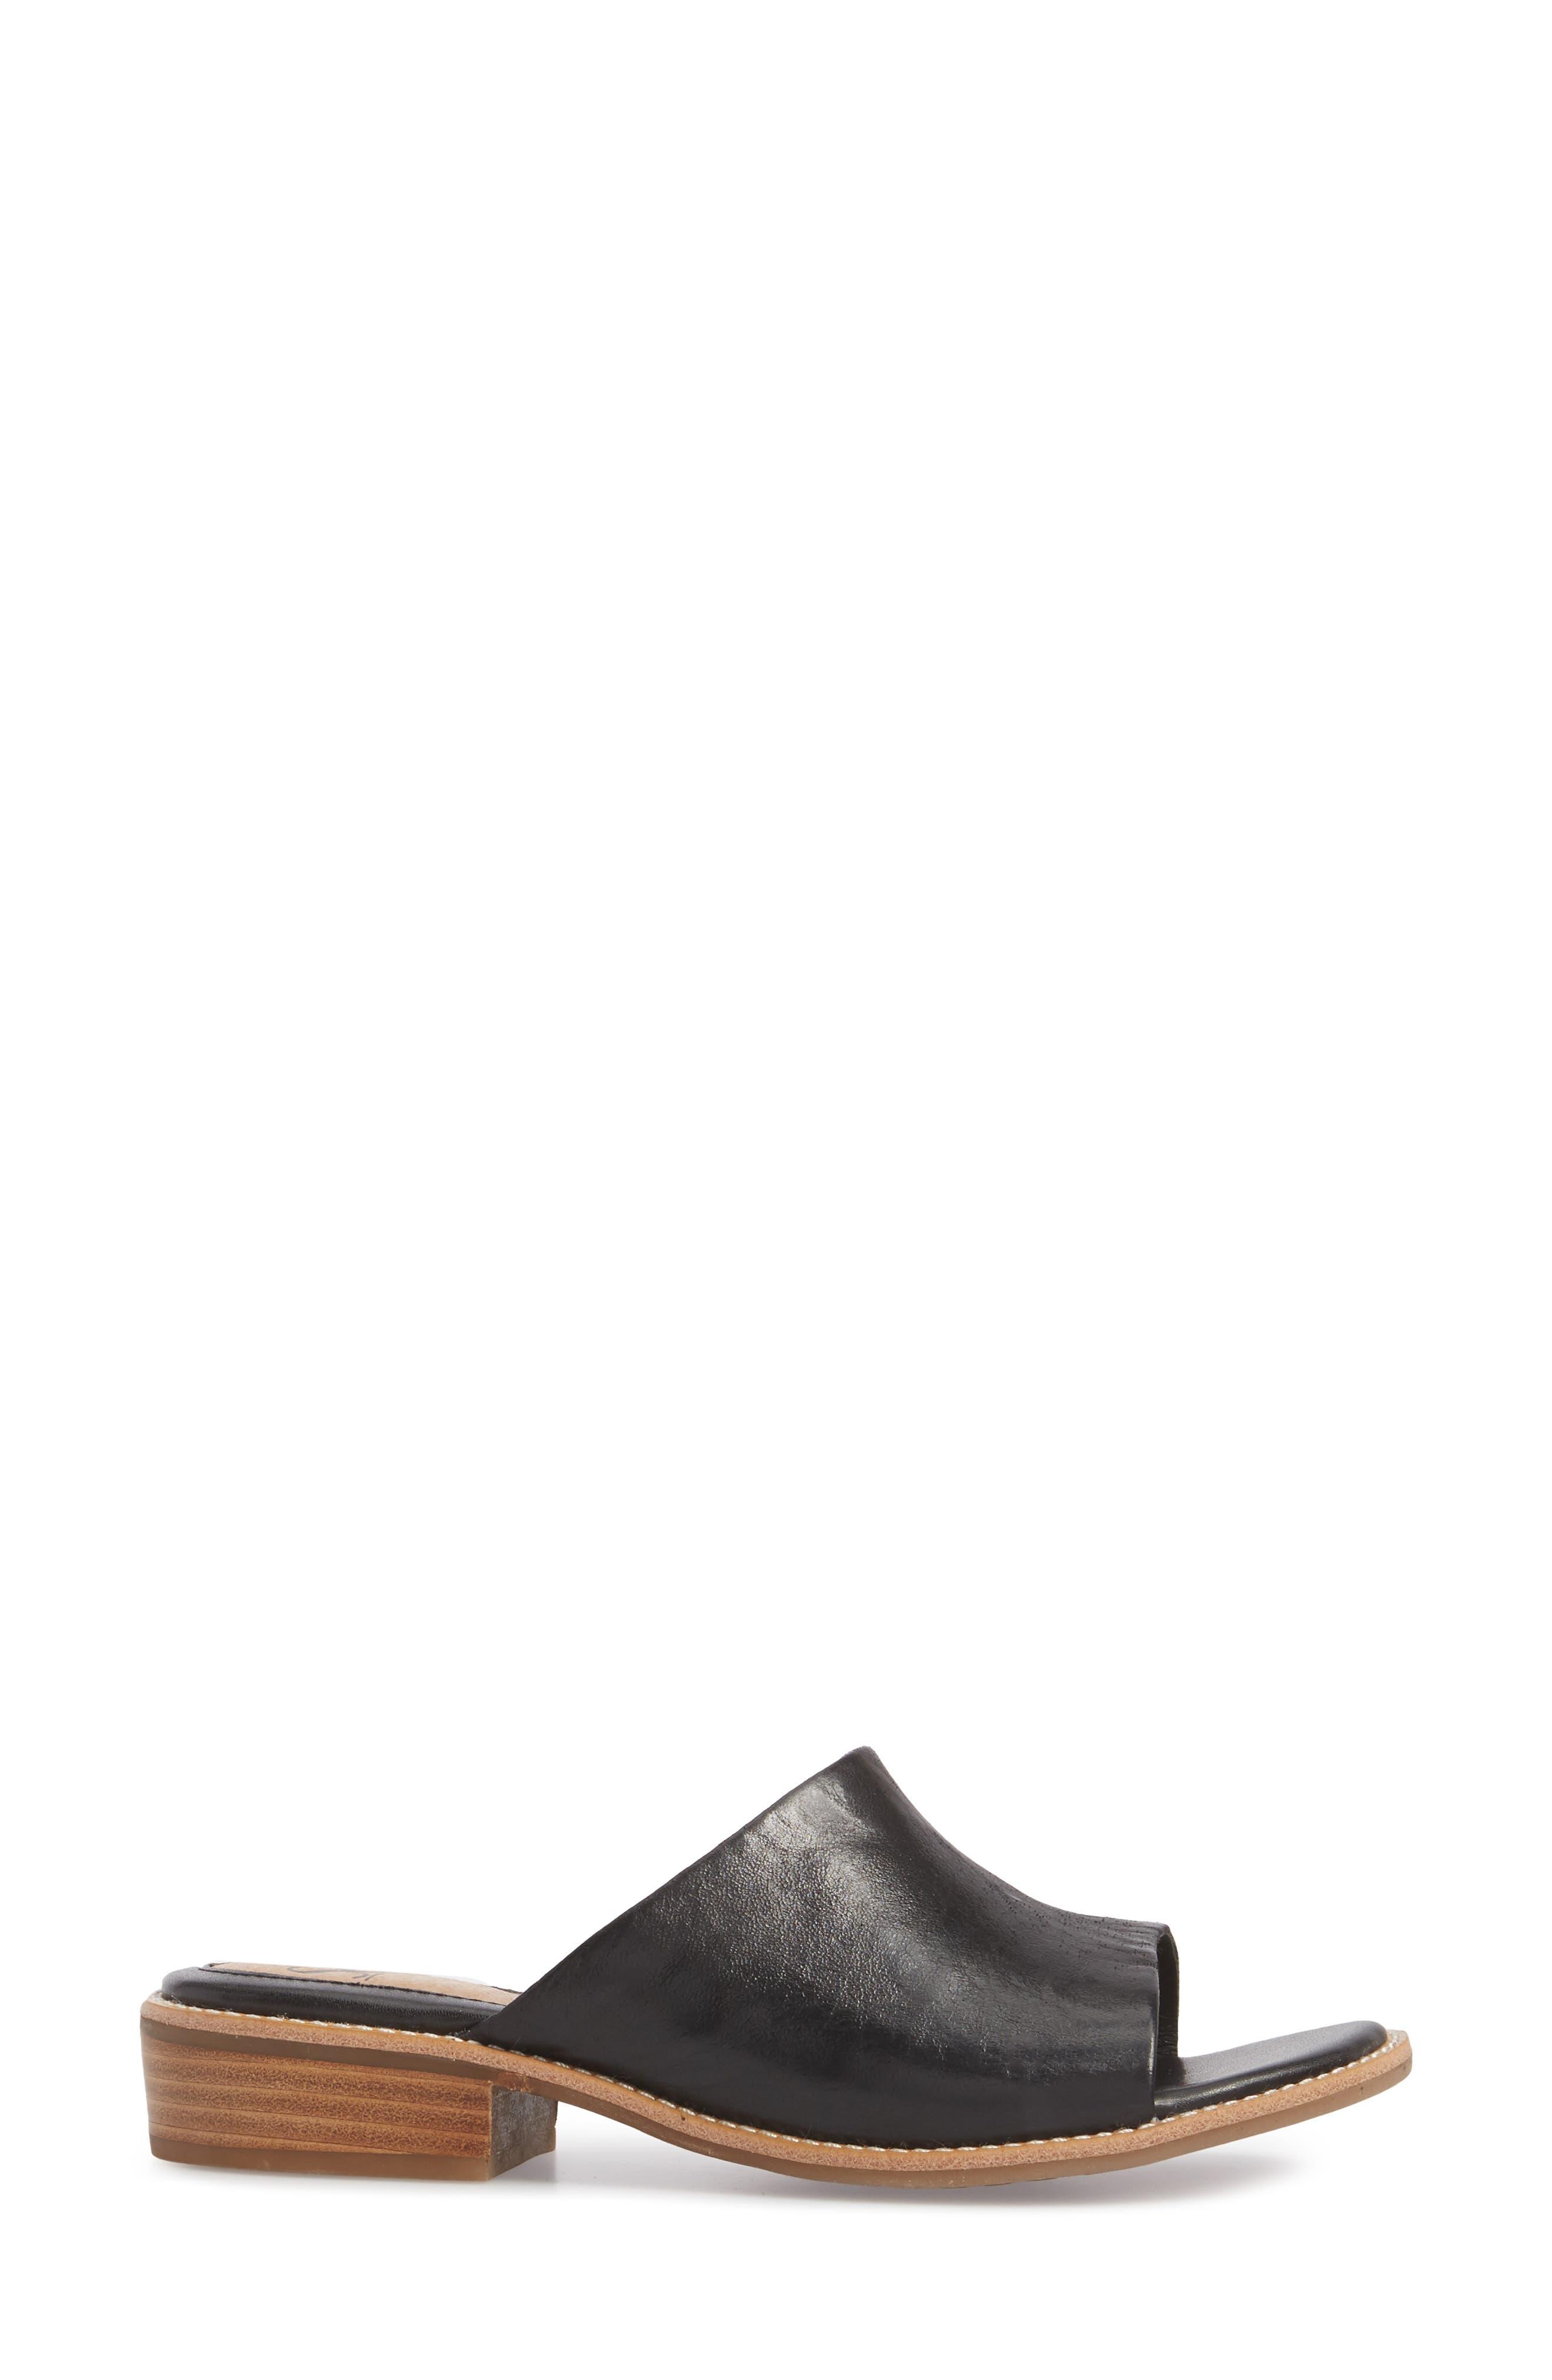 SÖFFT, Nola Slide Sandal, Alternate thumbnail 3, color, 001